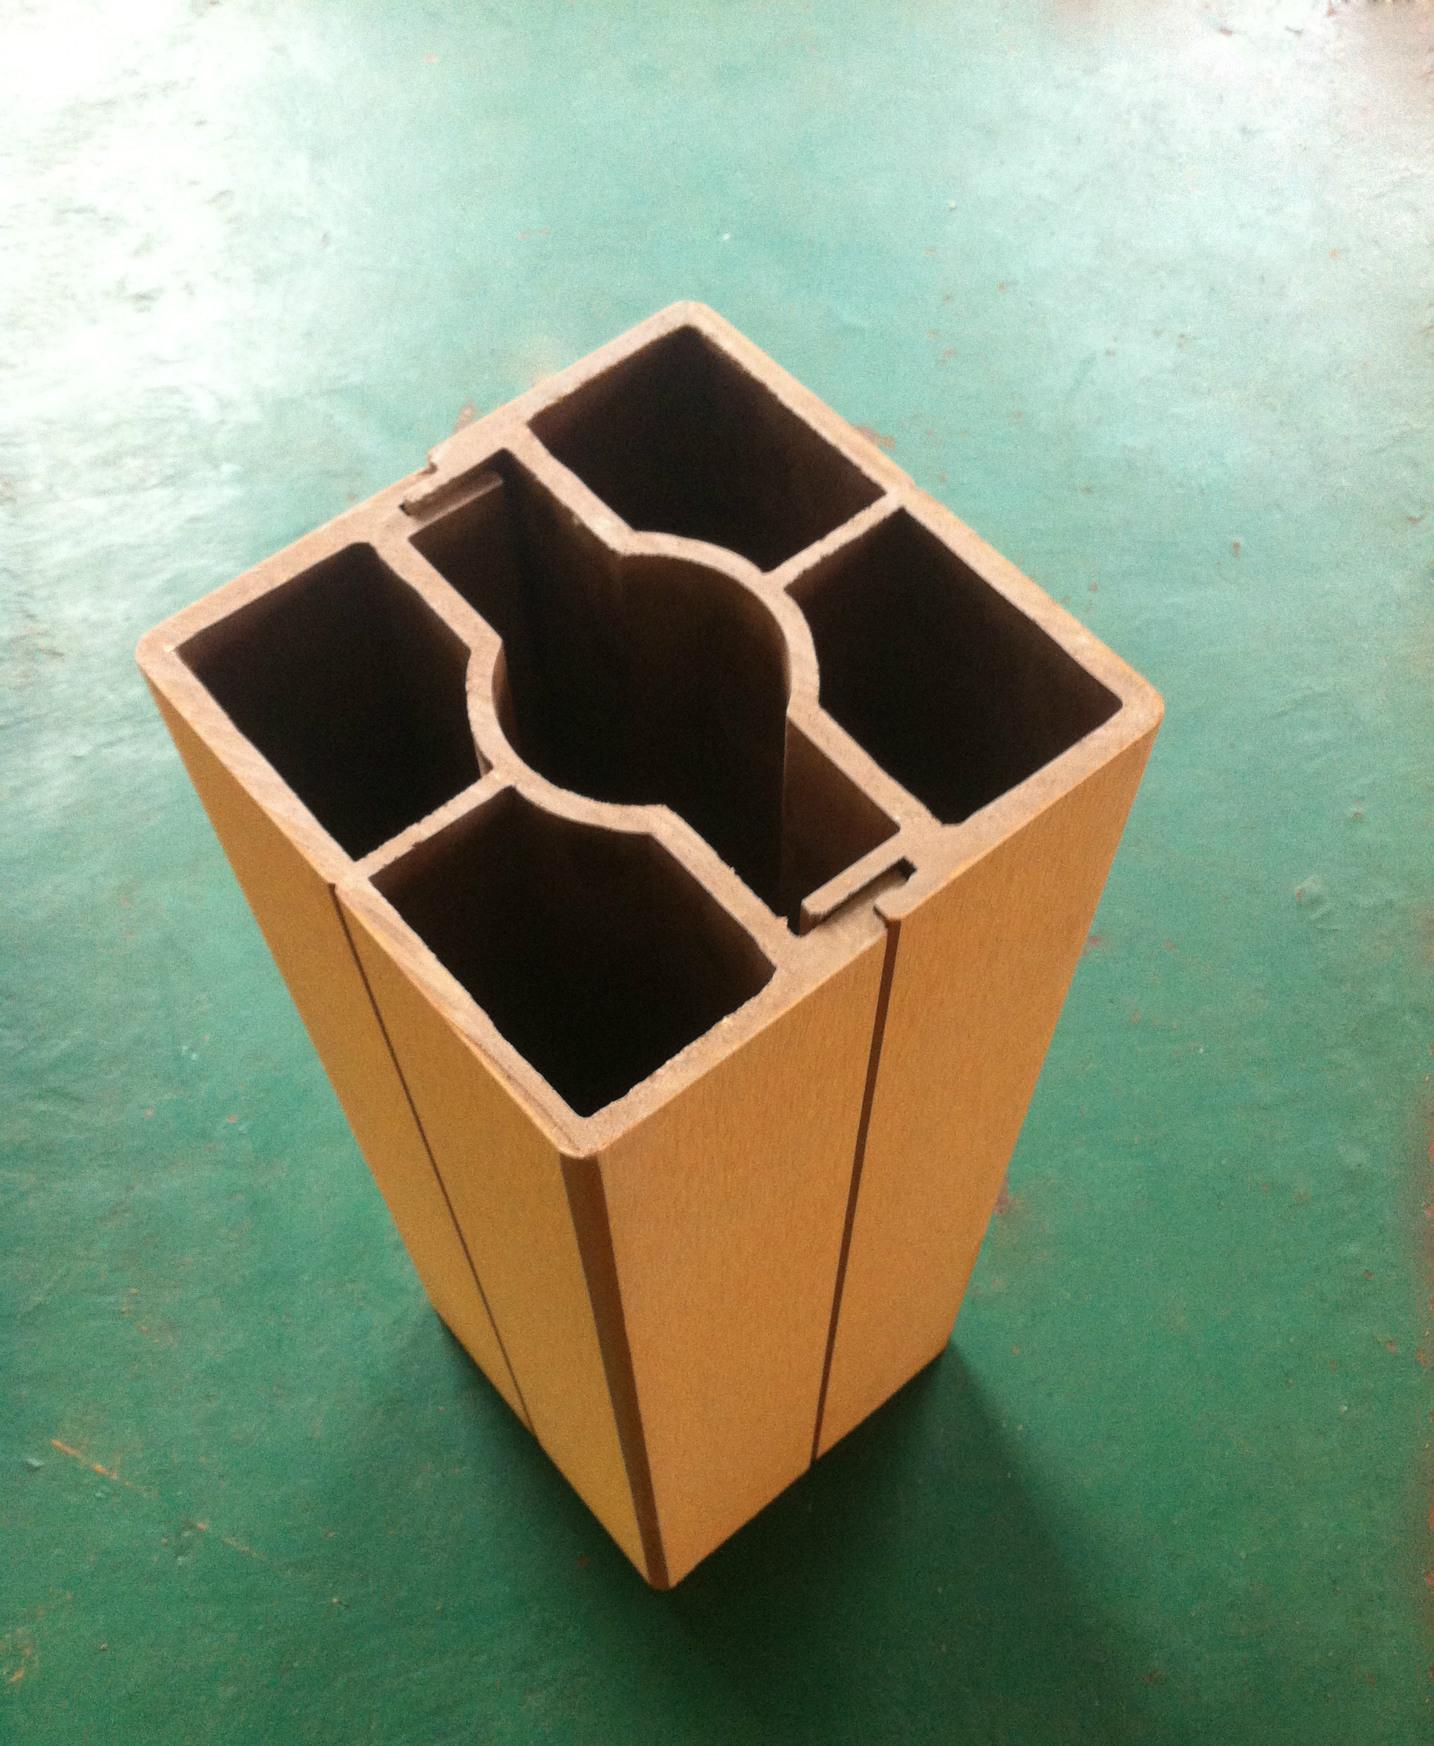 禾灃高纖維聚酯木產品,采用PVC 雙層共擠 的生產工藝,包覆層中添加了德國進口的抗氧劑、UV防曬和穩定劑,德國原裝進口的色粉。使產品在戶外使用顏色更穩定、耐候性能更強。微發泡的生產配方使產品輕便、強度高耐沖擊、不易斷裂和變形。全部采用全新的PVC料,配以純楊木粉和純竹粉,無論用在高檔別墅、各種商業空間還是家庭墻面裝修都是你最放心最理想的選擇。木塑的零甲醛排放,符合時尚環保概念。是全國乃至全世界裝修用材的首推產品。 簡樸復古的外觀,保證5年以上不變形不褪色,既環保又美觀,符合國家可持續發展戰略方針 既有木